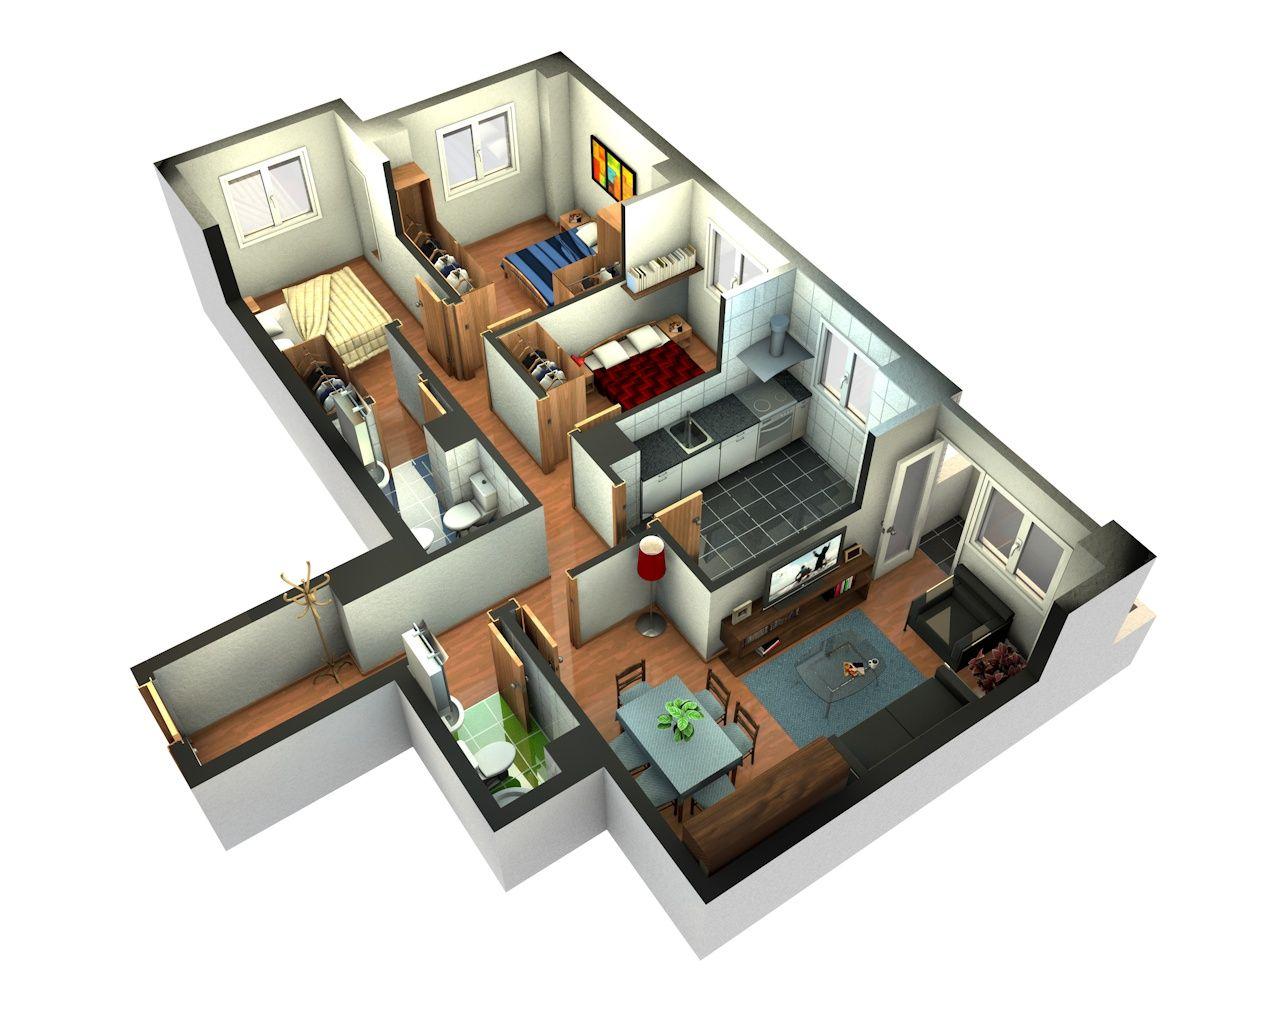 Maquetas De Casa Modernas Por Dentro Buscar Con Google Sims House Design House Design House Plans